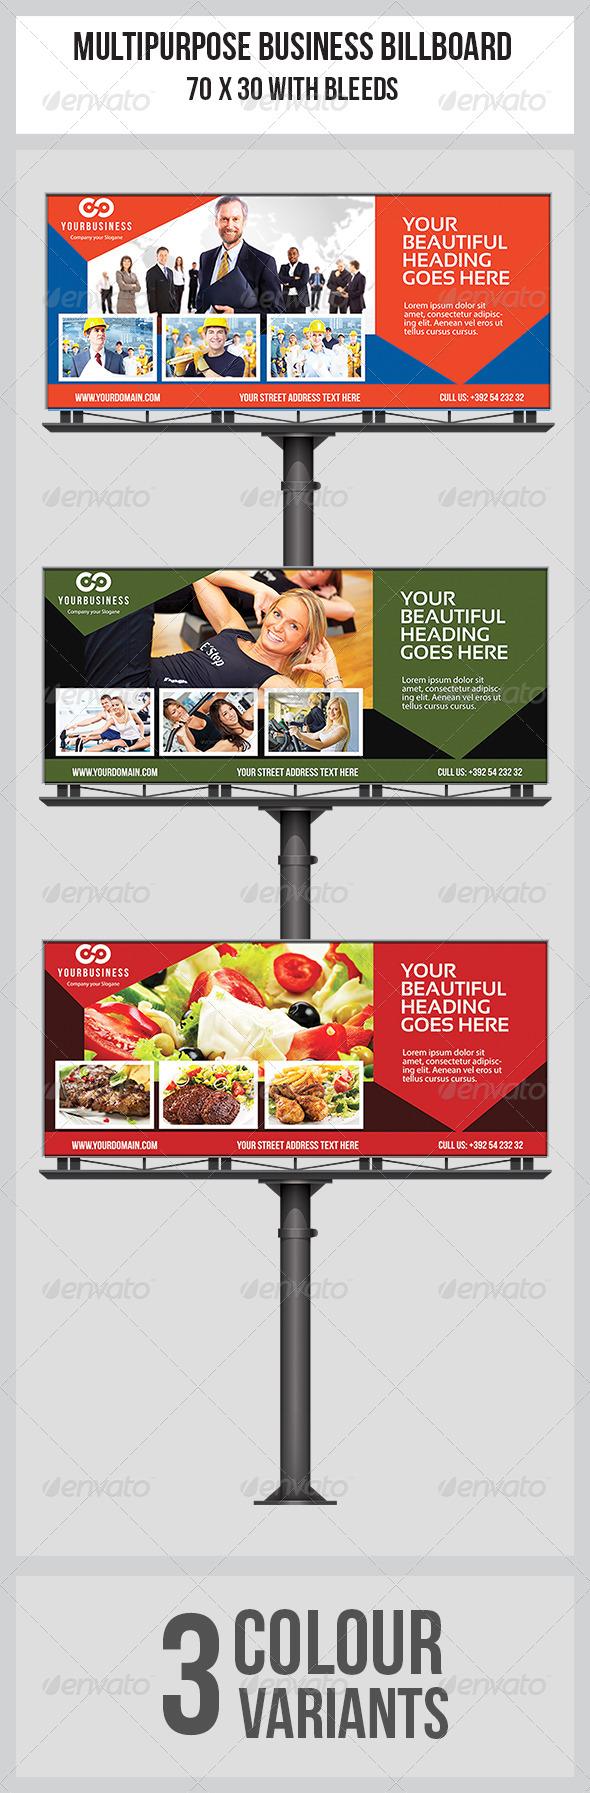 GraphicRiver Multipurpose Business Billboard Template 7677773